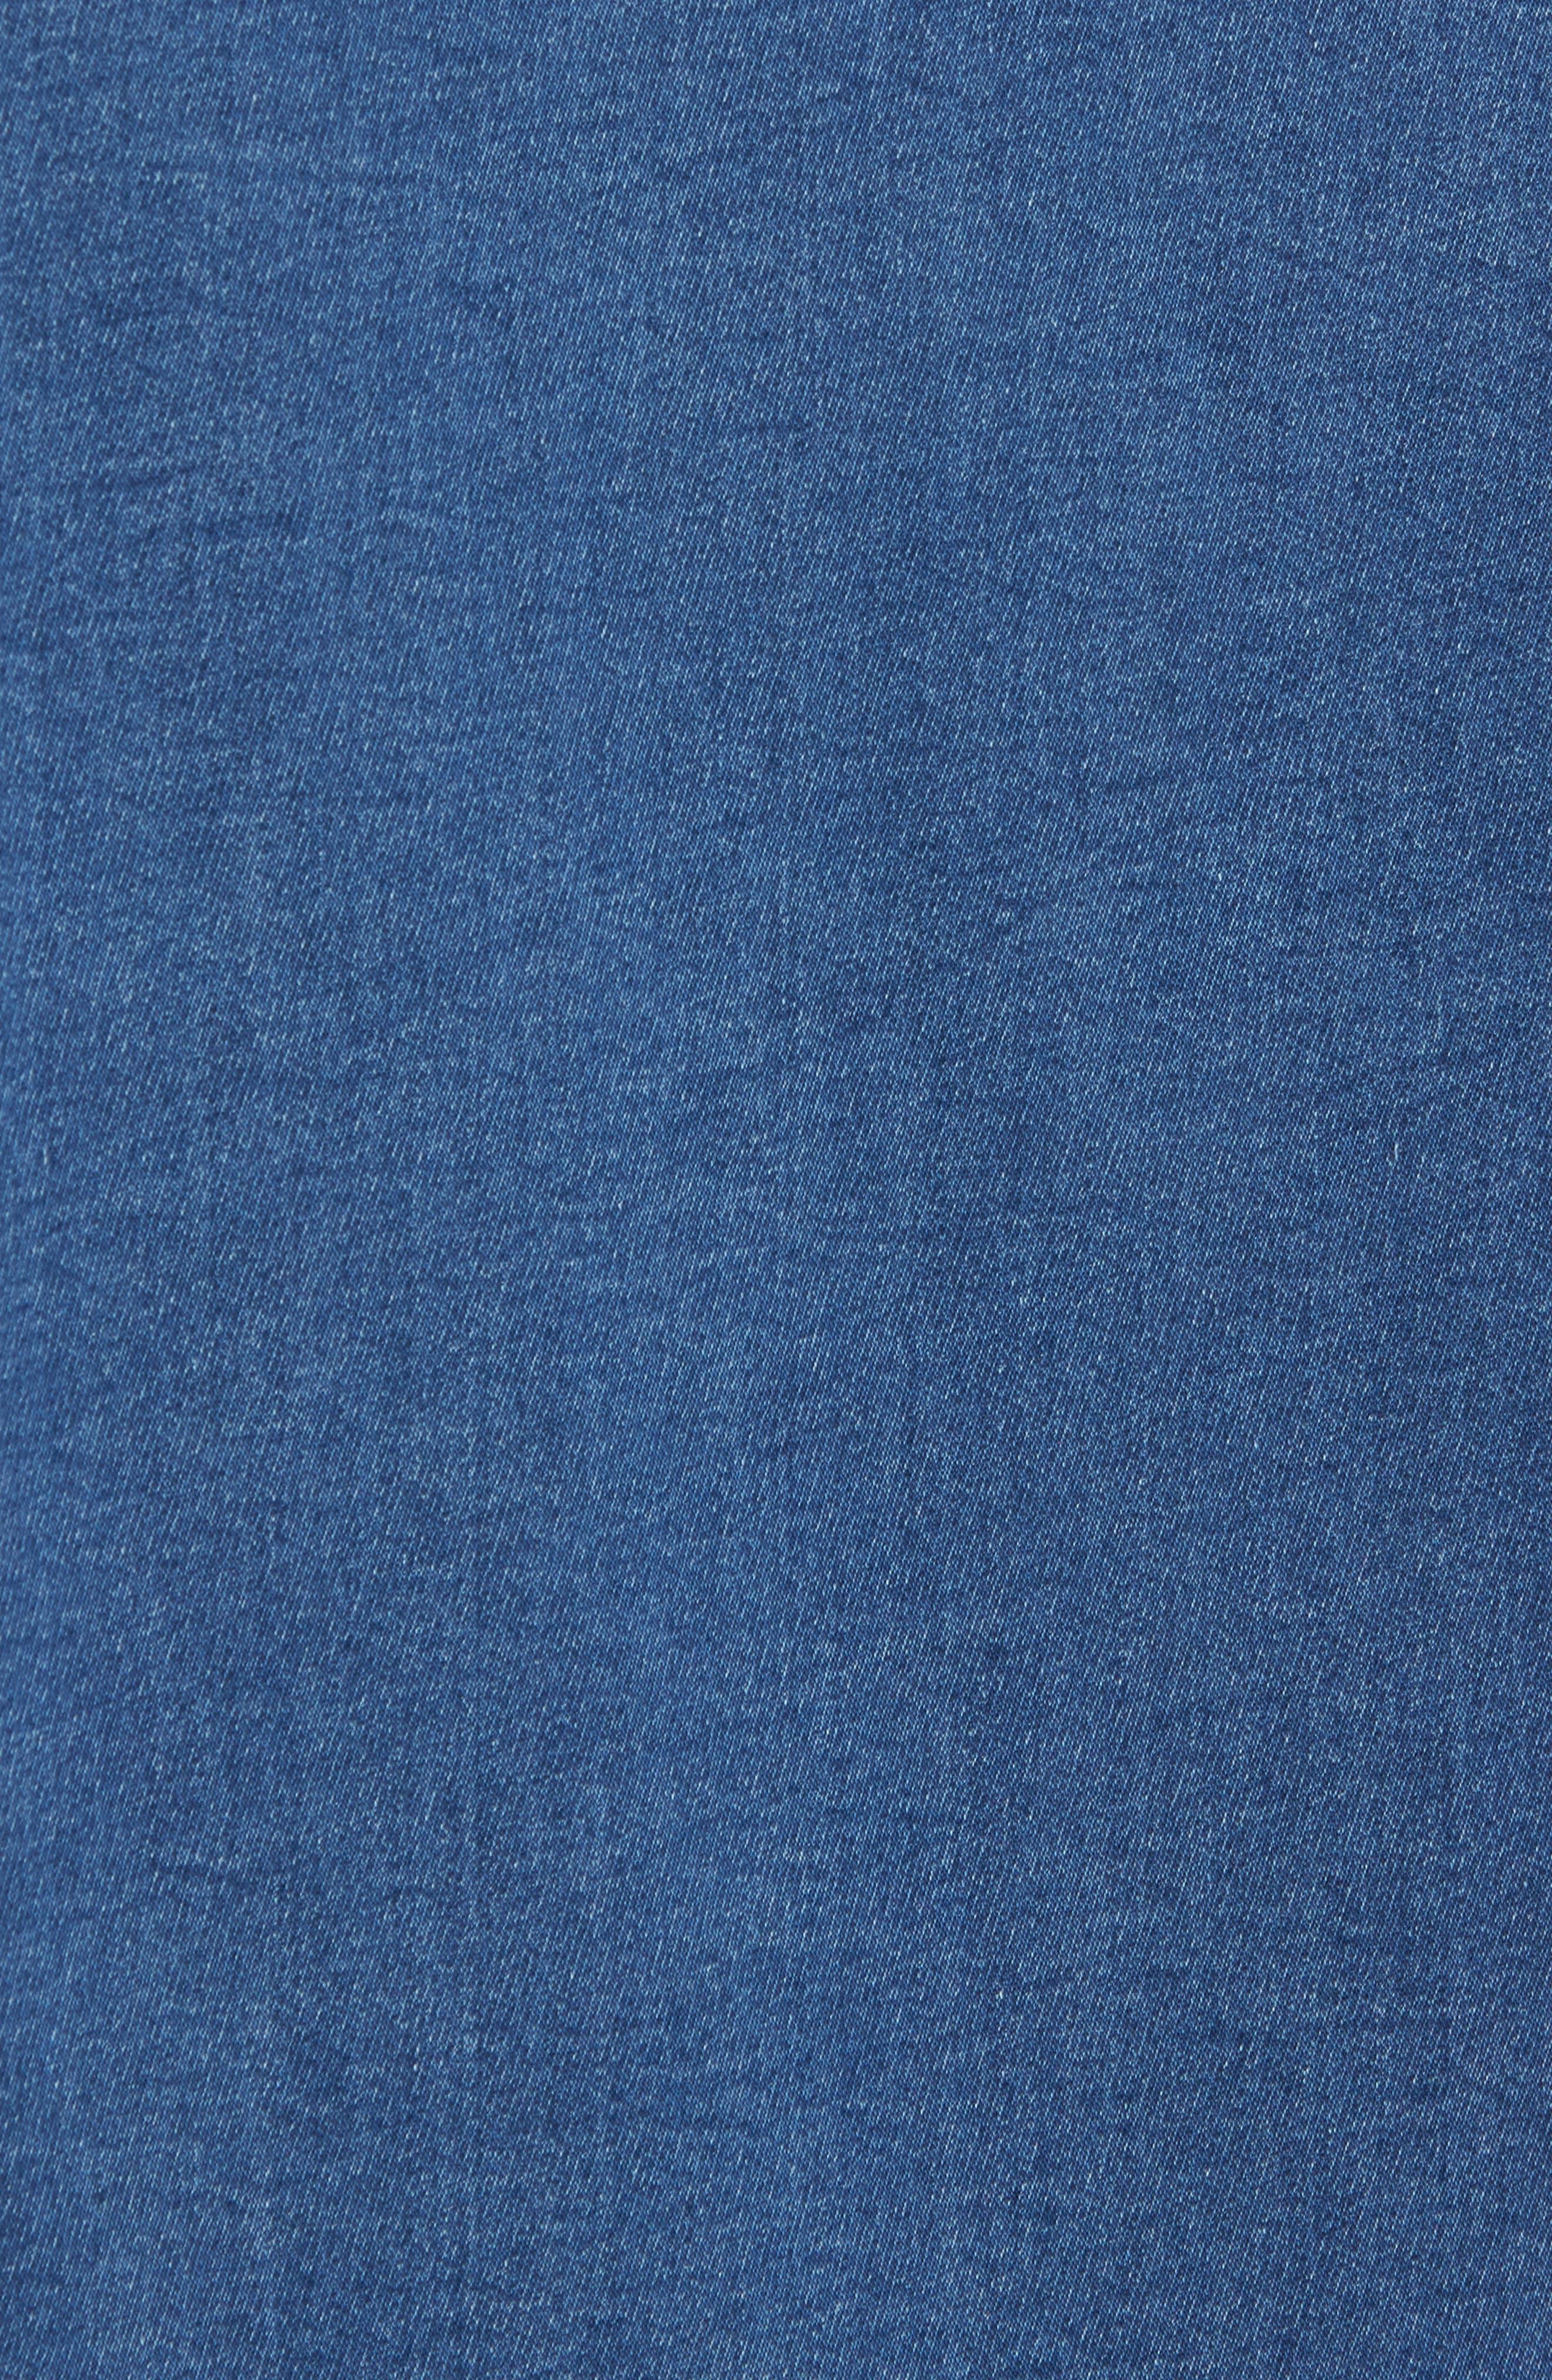 Trim Fit Utility Wash Knit Denim Shirt,                             Alternate thumbnail 5, color,                             420